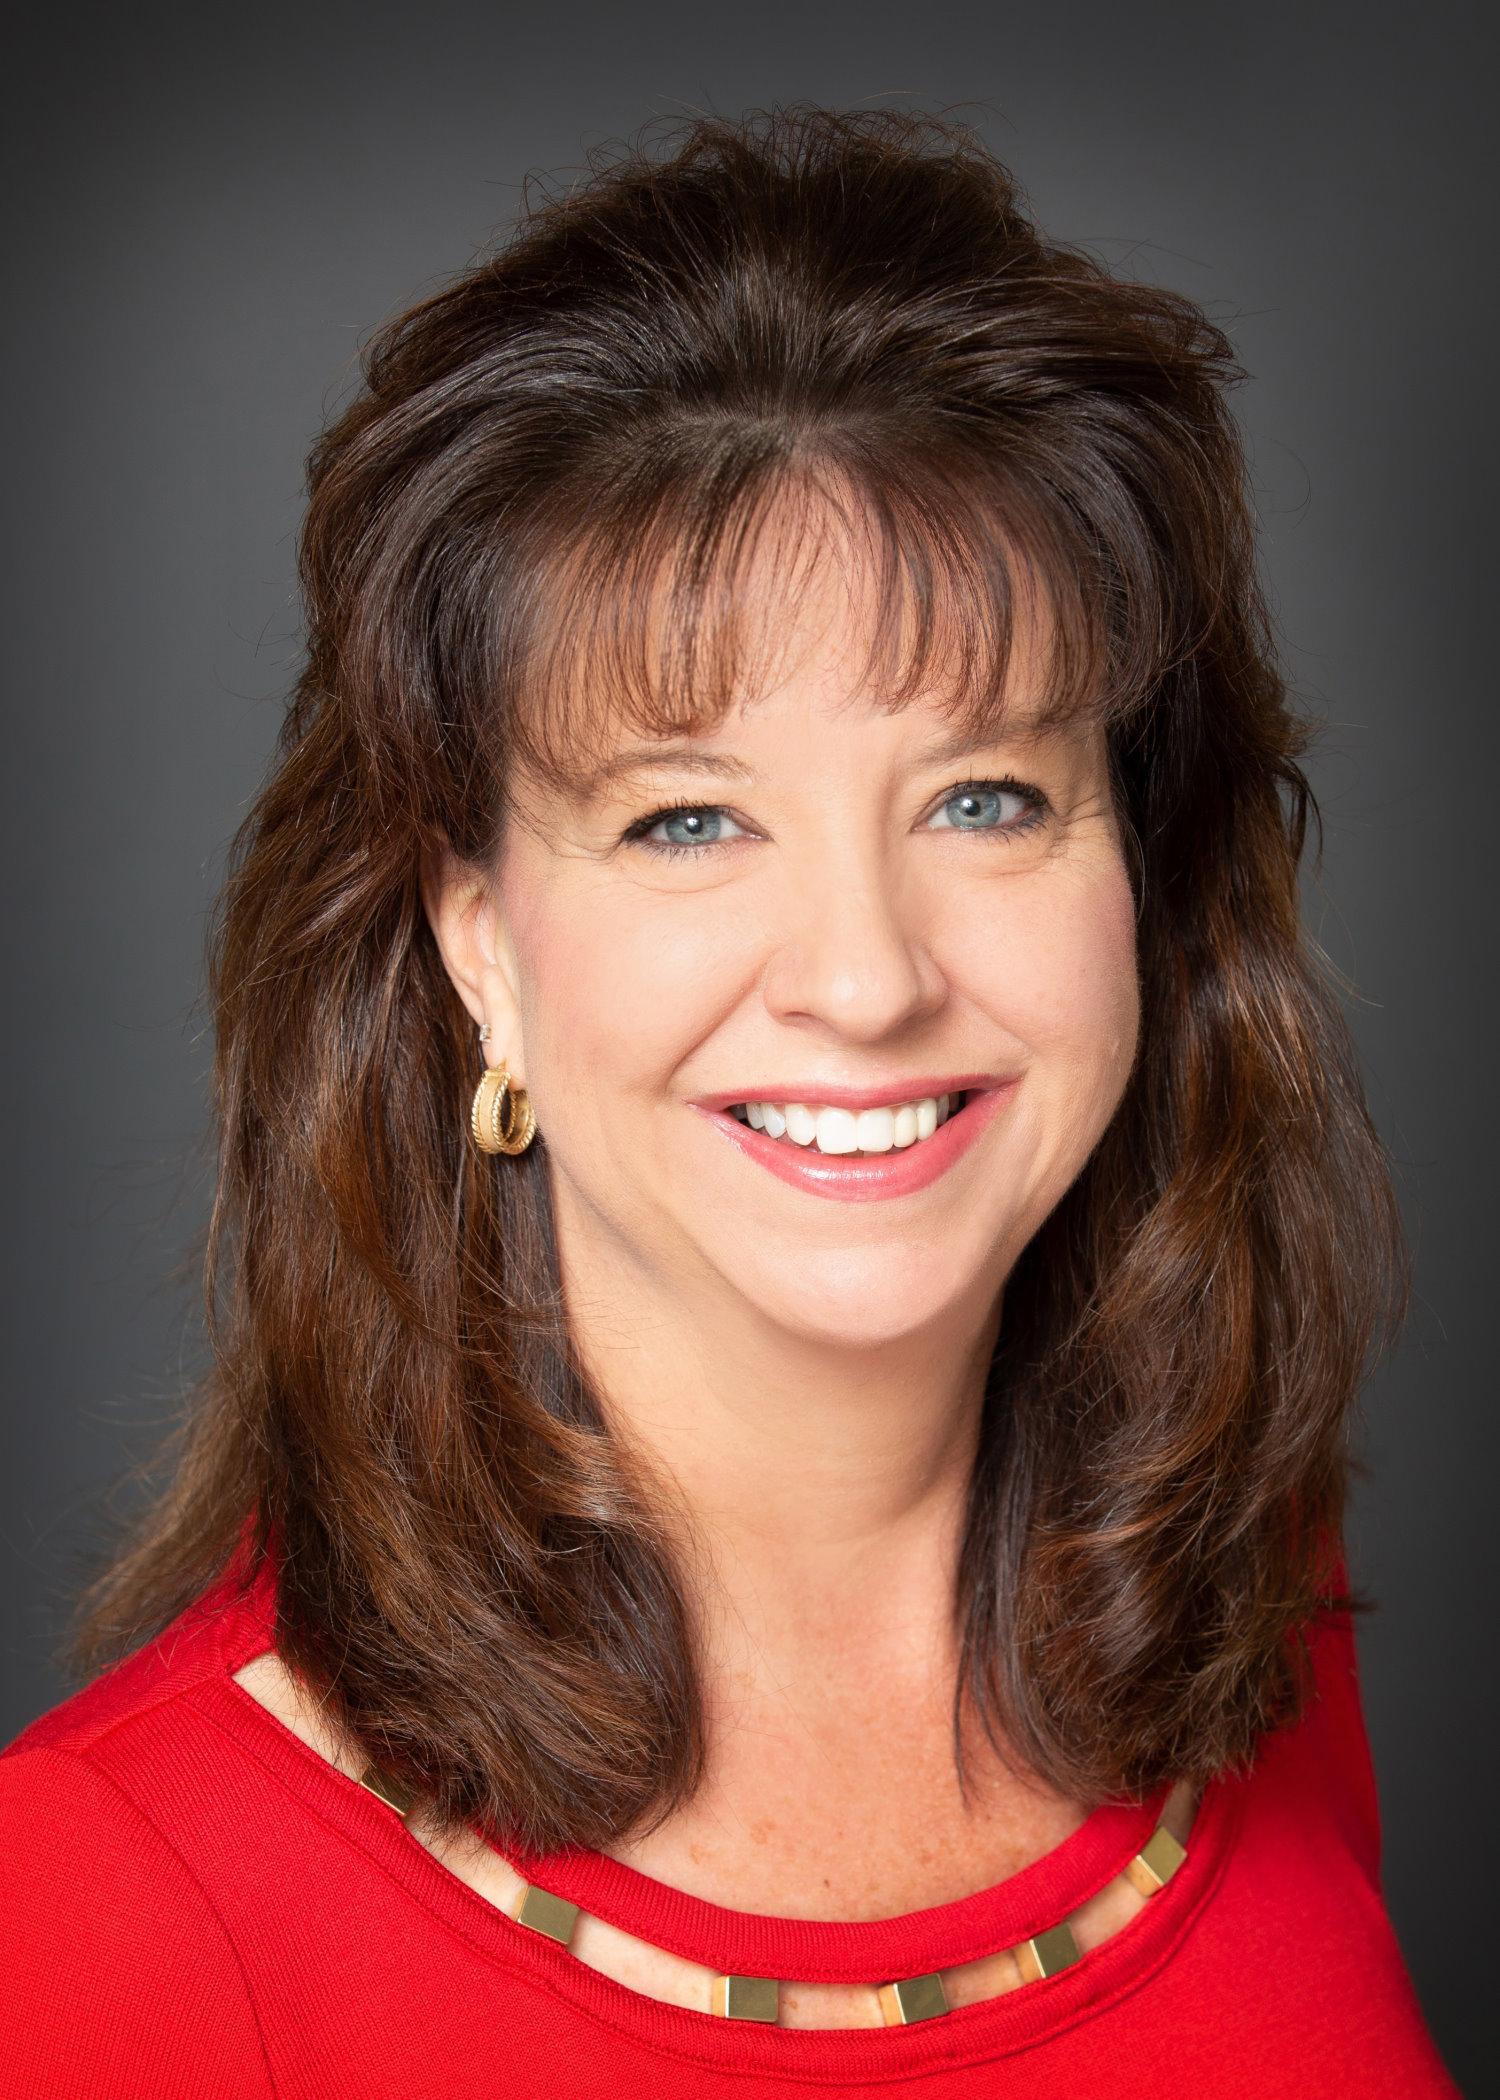 Kristi W. Harris